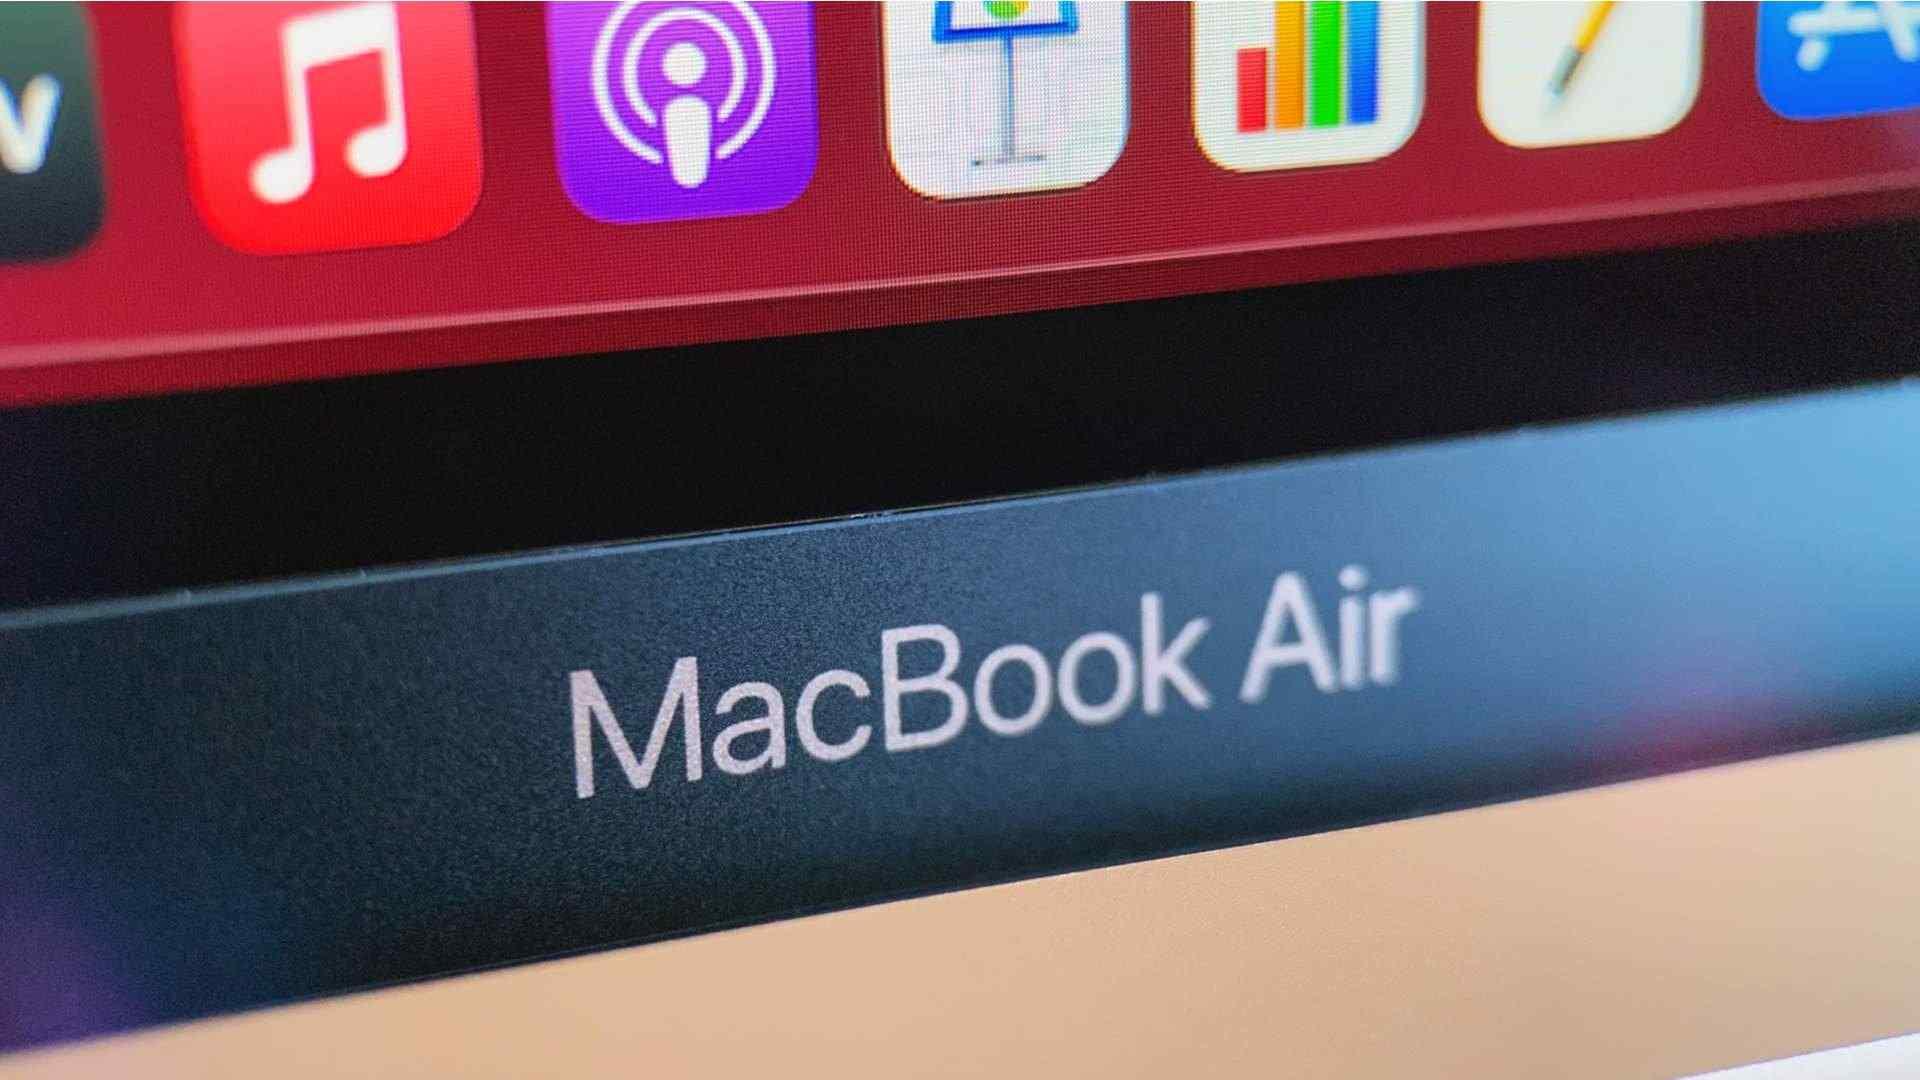 Foto do MacBook Air com foco na parte inferior da tela, onde o nome do notebook aparece escrito